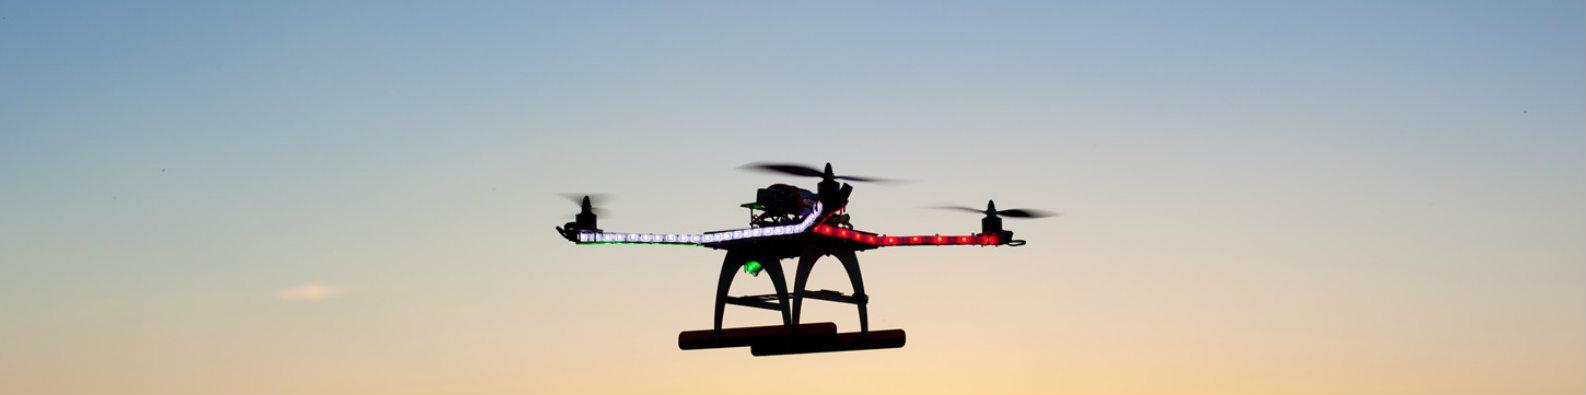 DAVOS Zirvesi Drone-Savarlar ile Korundu